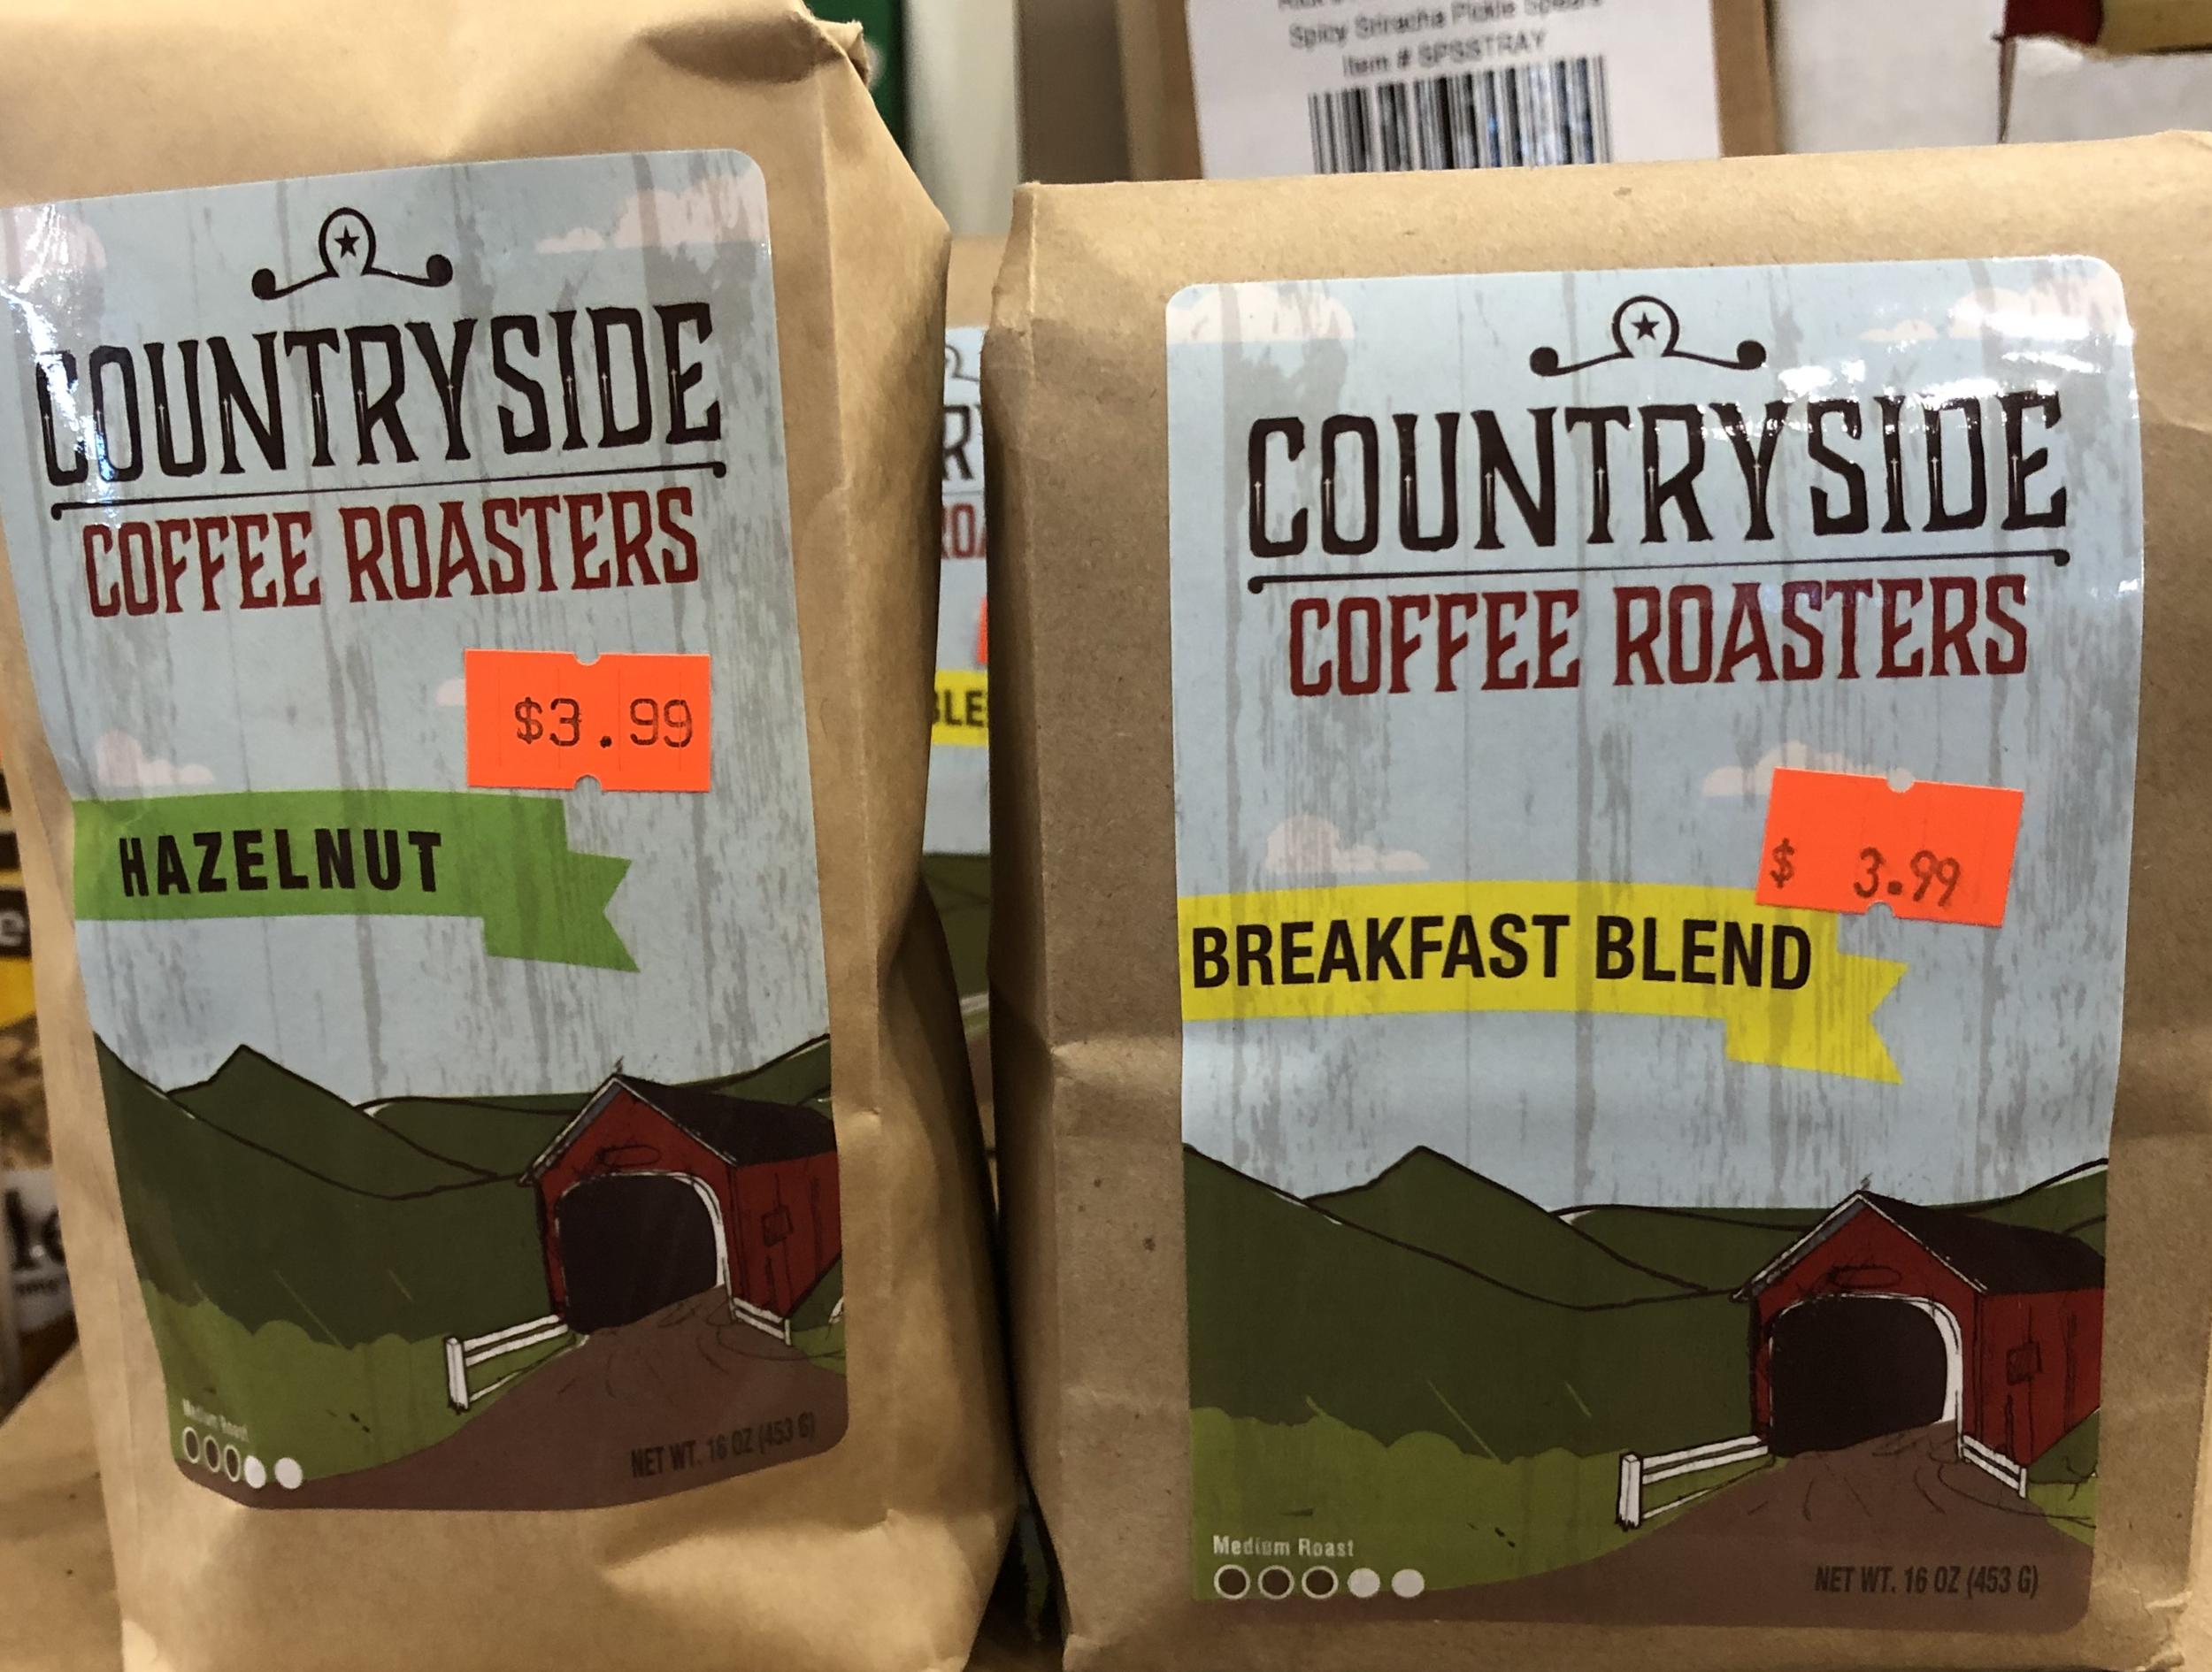 Countryside Roasters Coffee - Hazelnut & Breakfast Blend